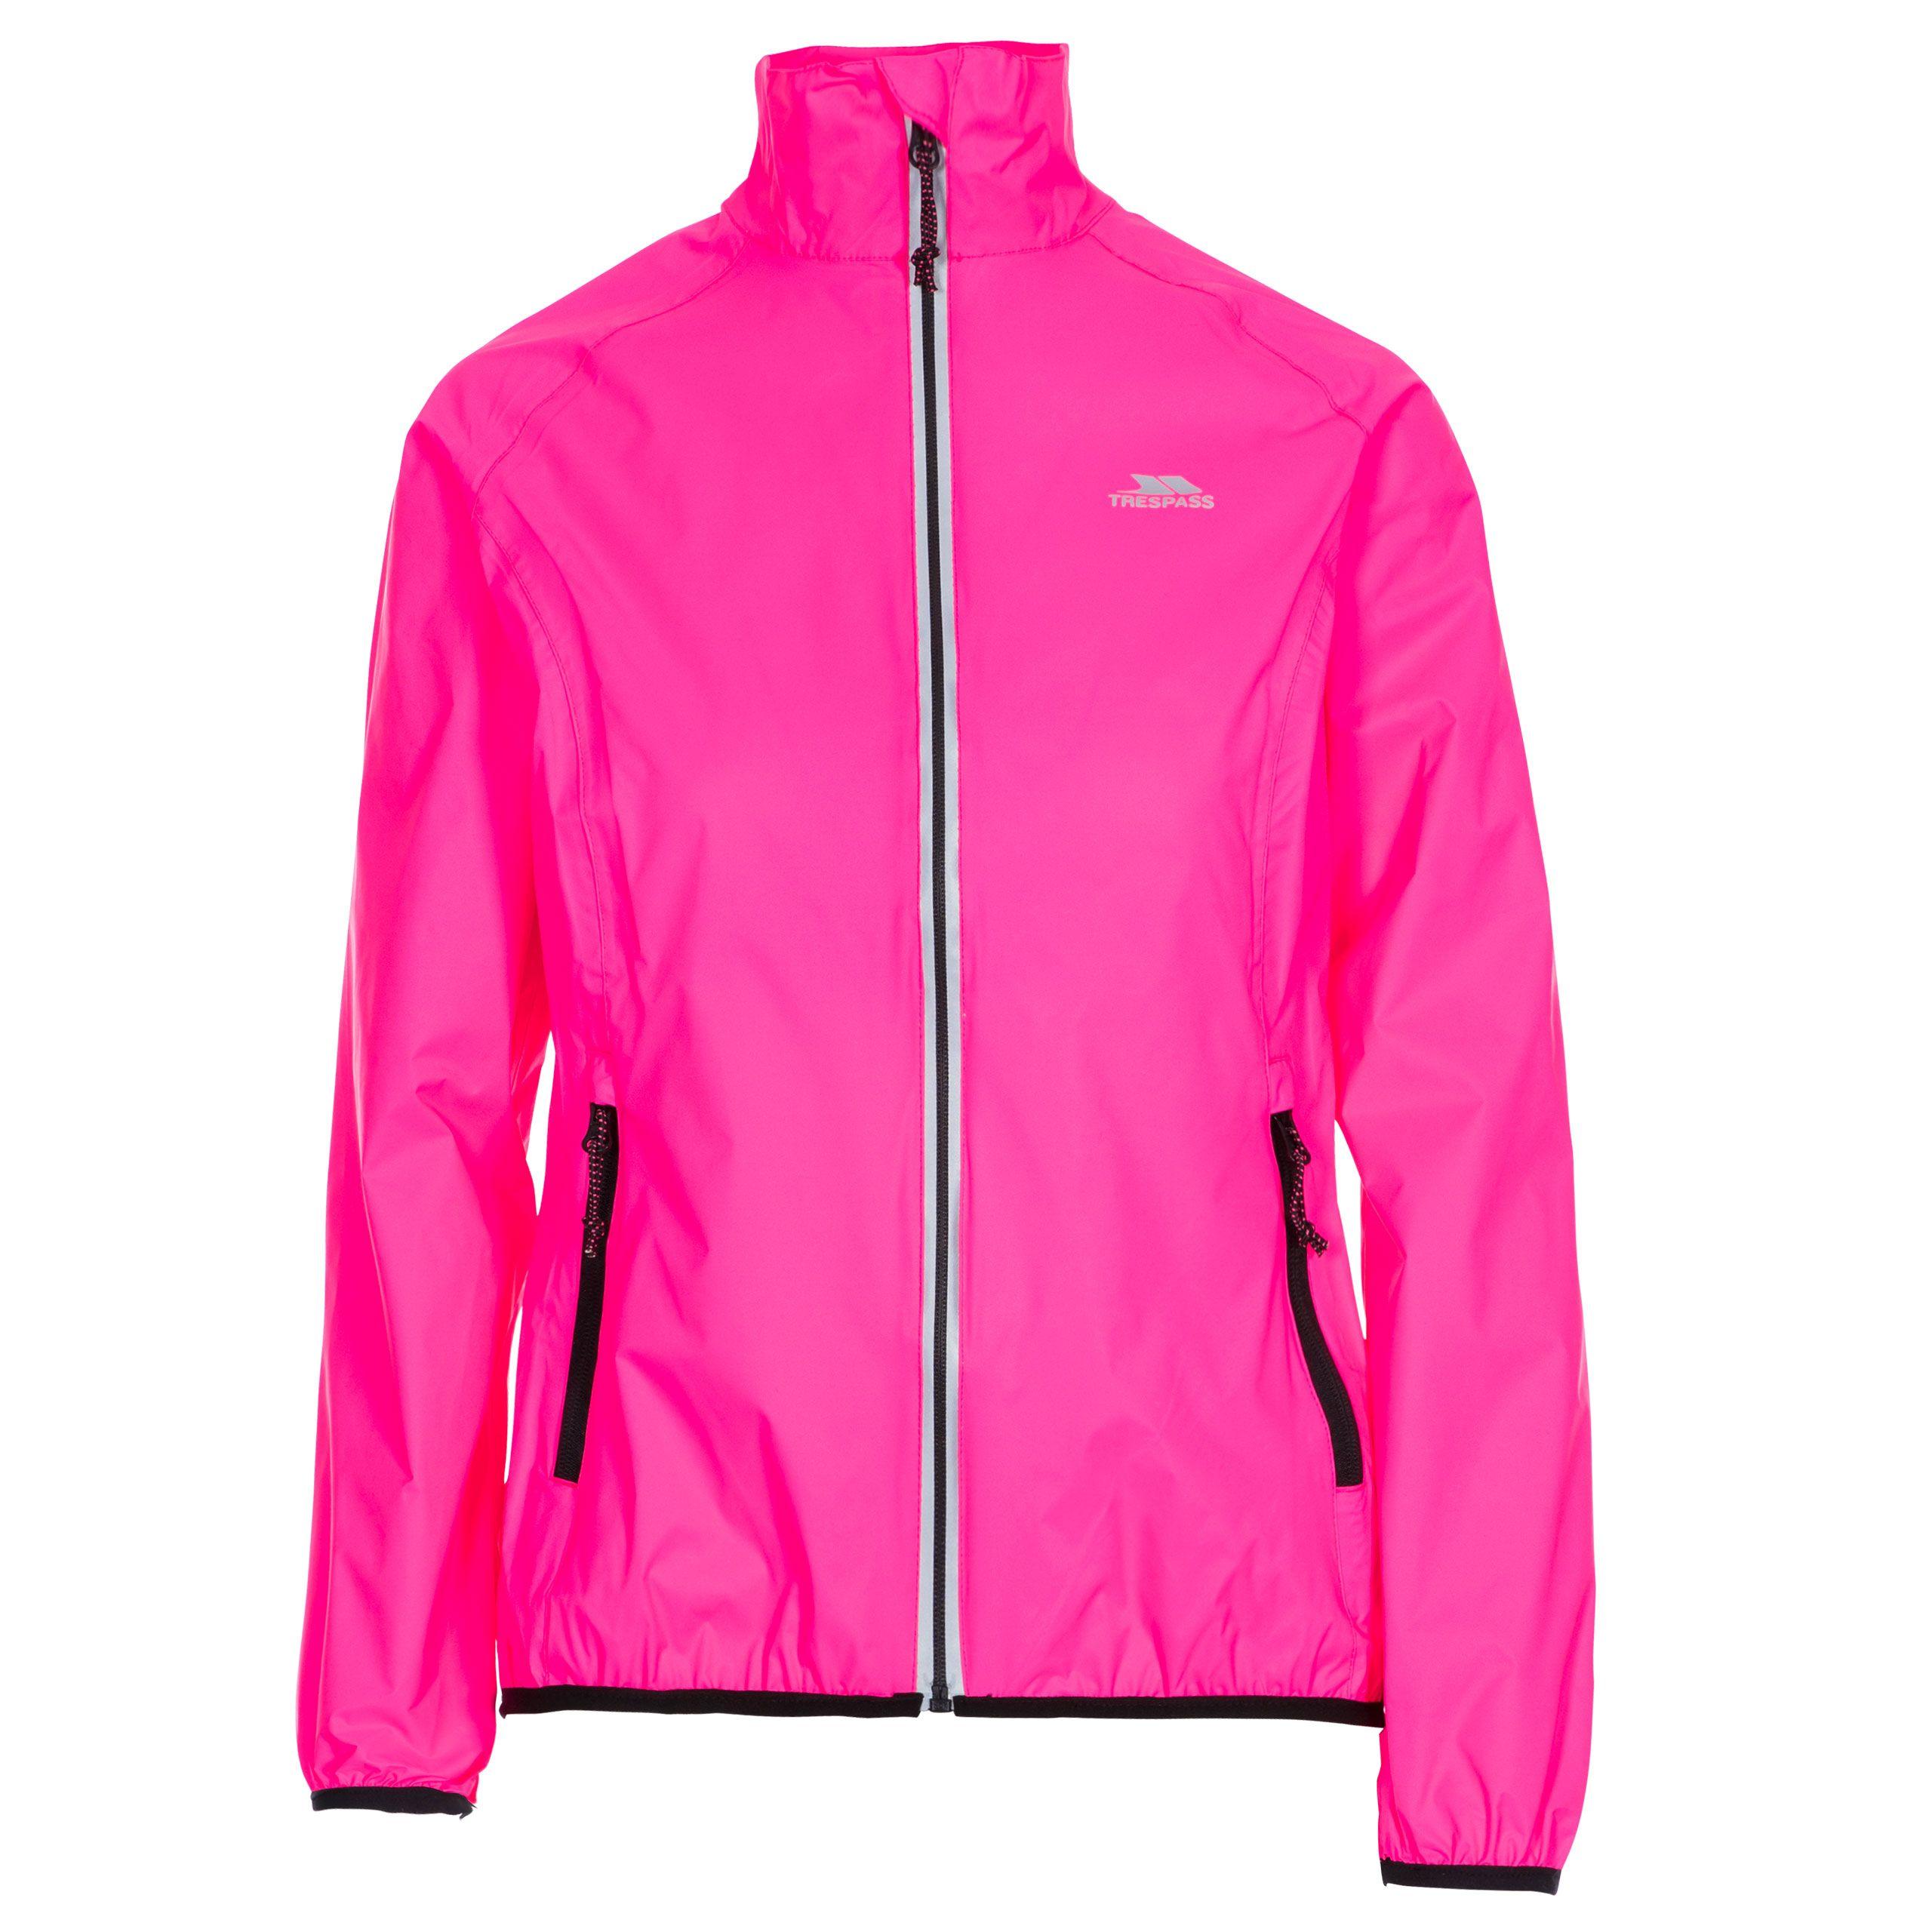 Beaming Womens Waterproof Packaway Jacket